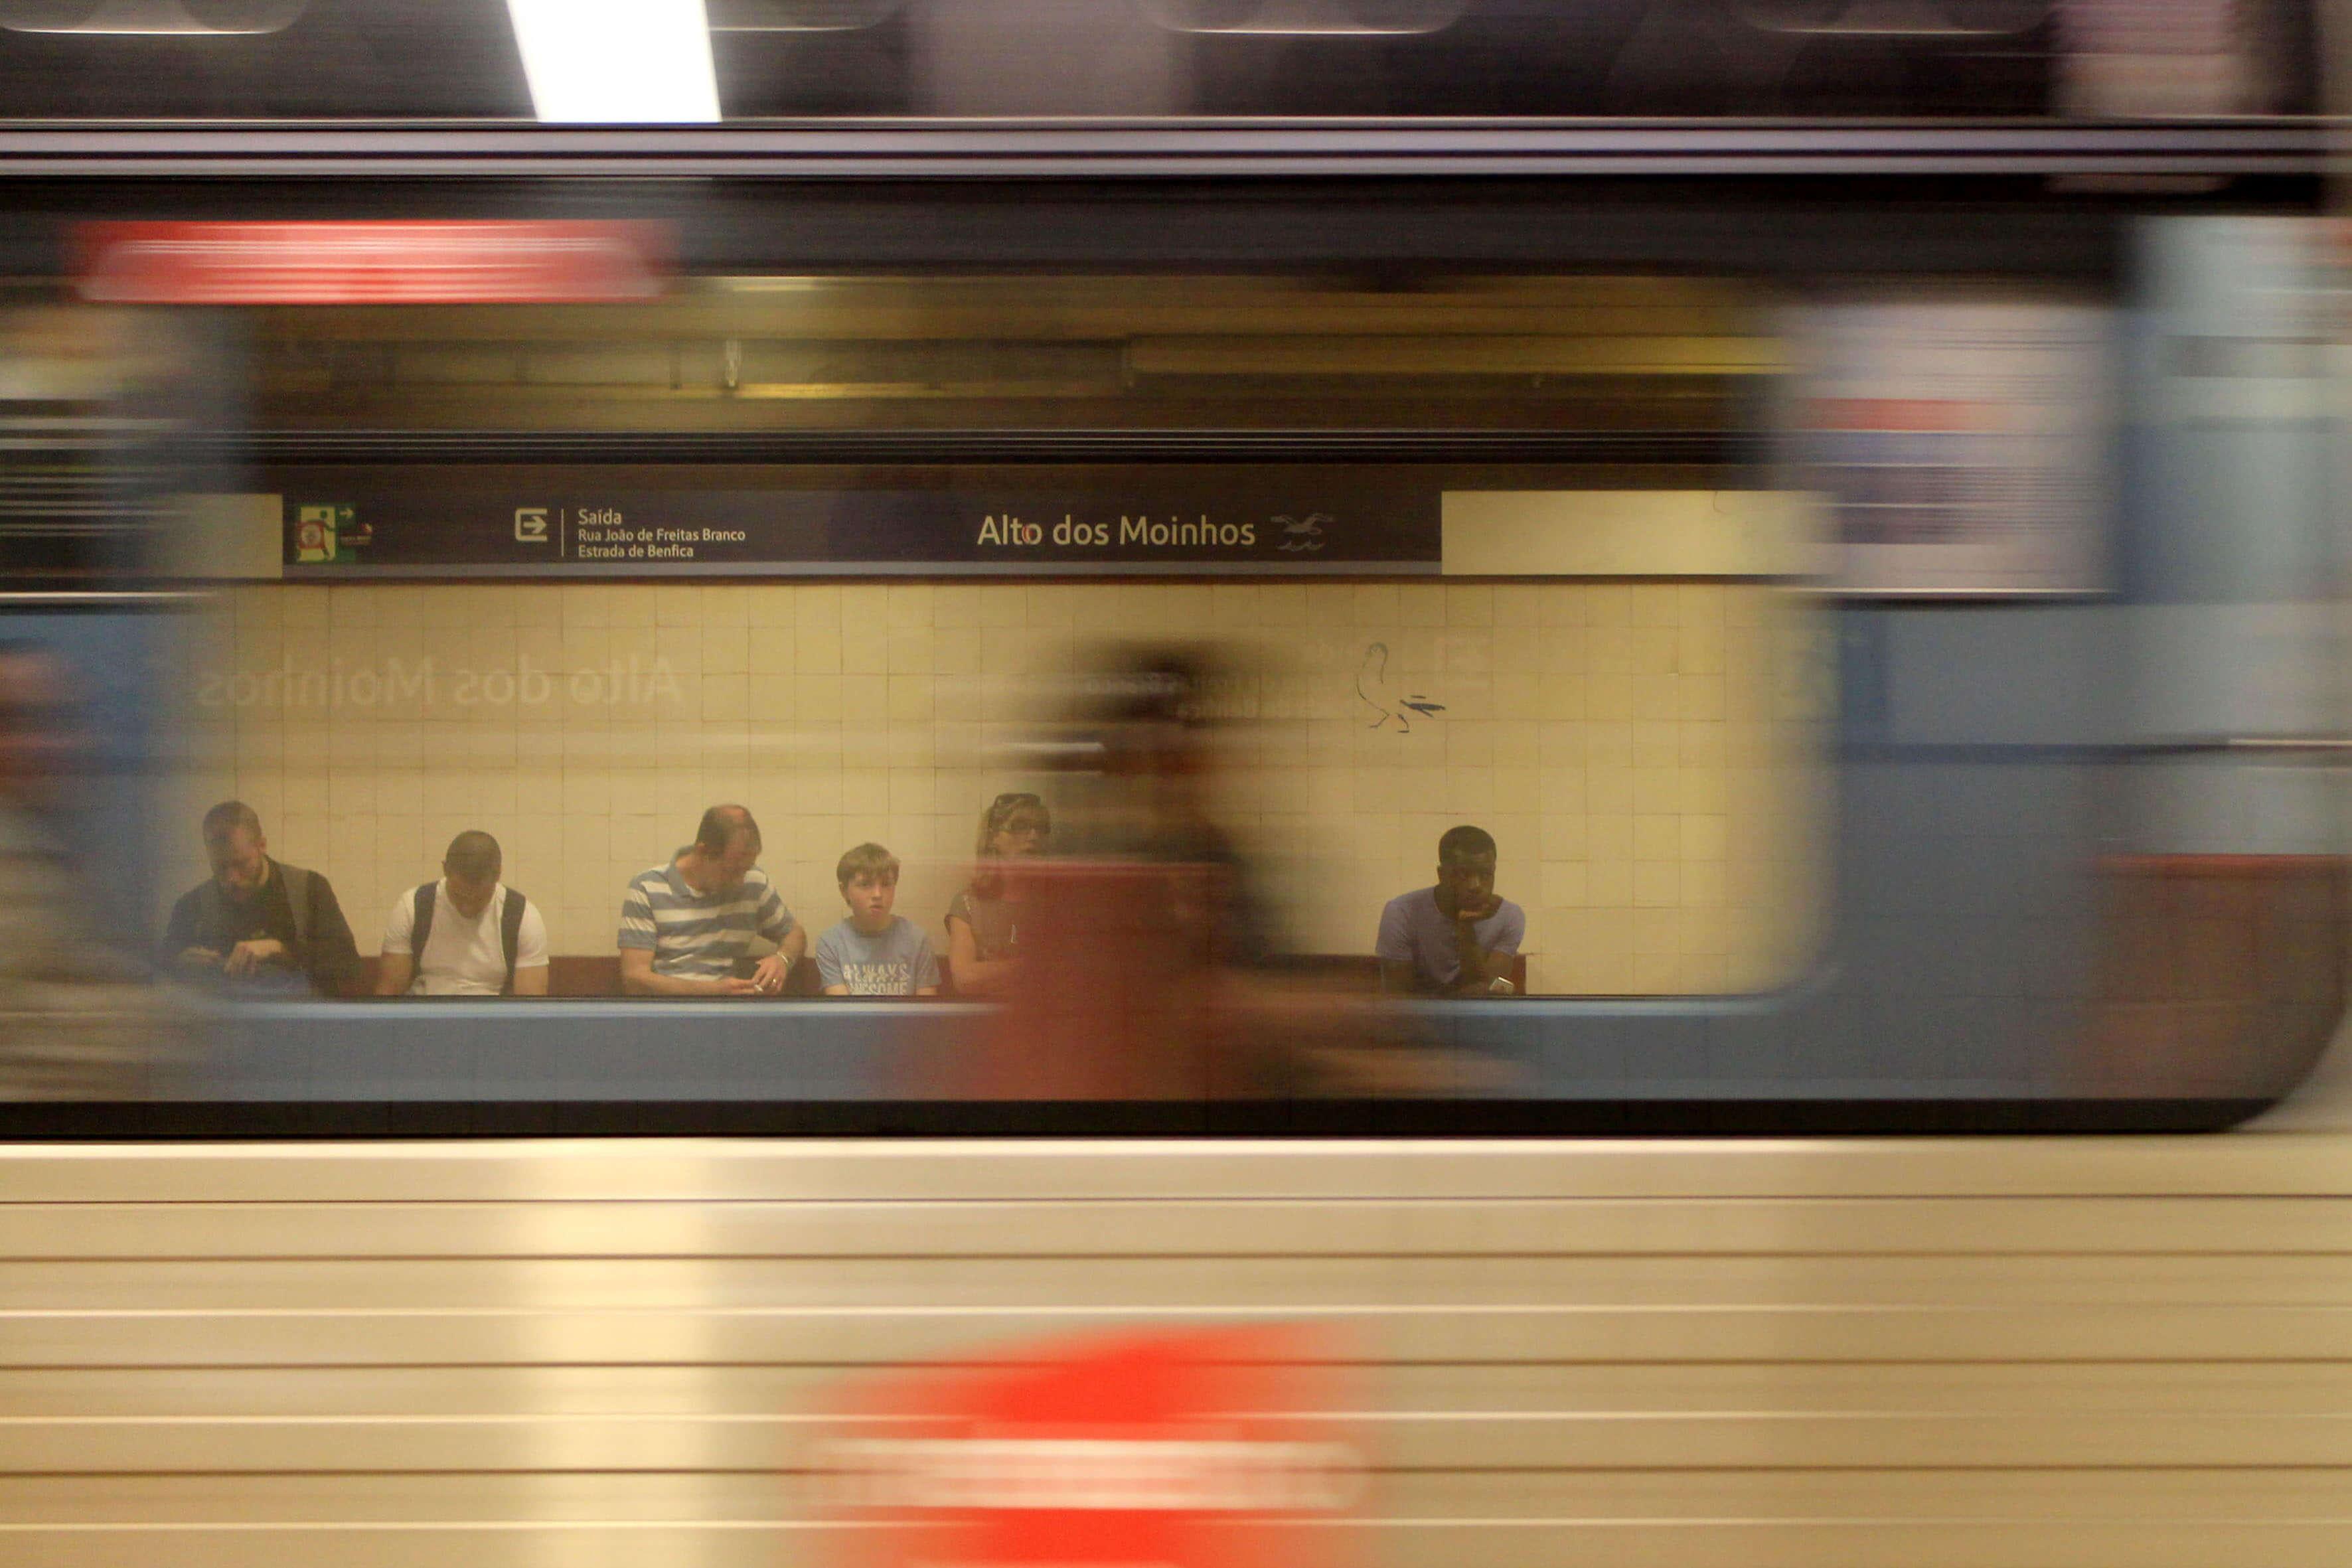 Estação do Metro do Alto dos Moinhos